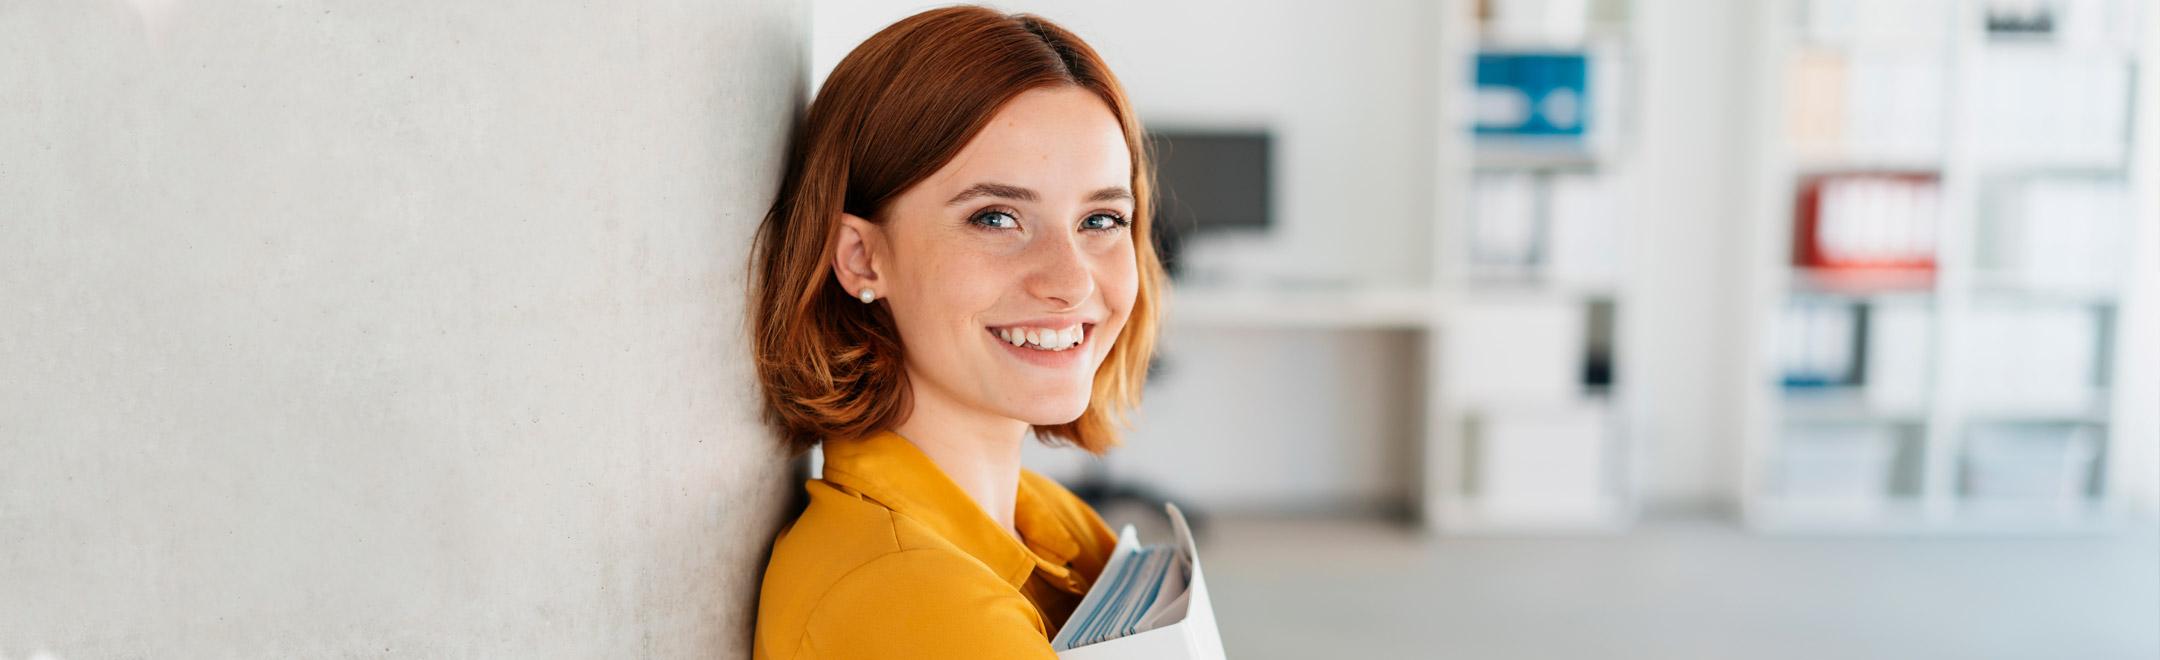 Frau, repräsentiert Gründer